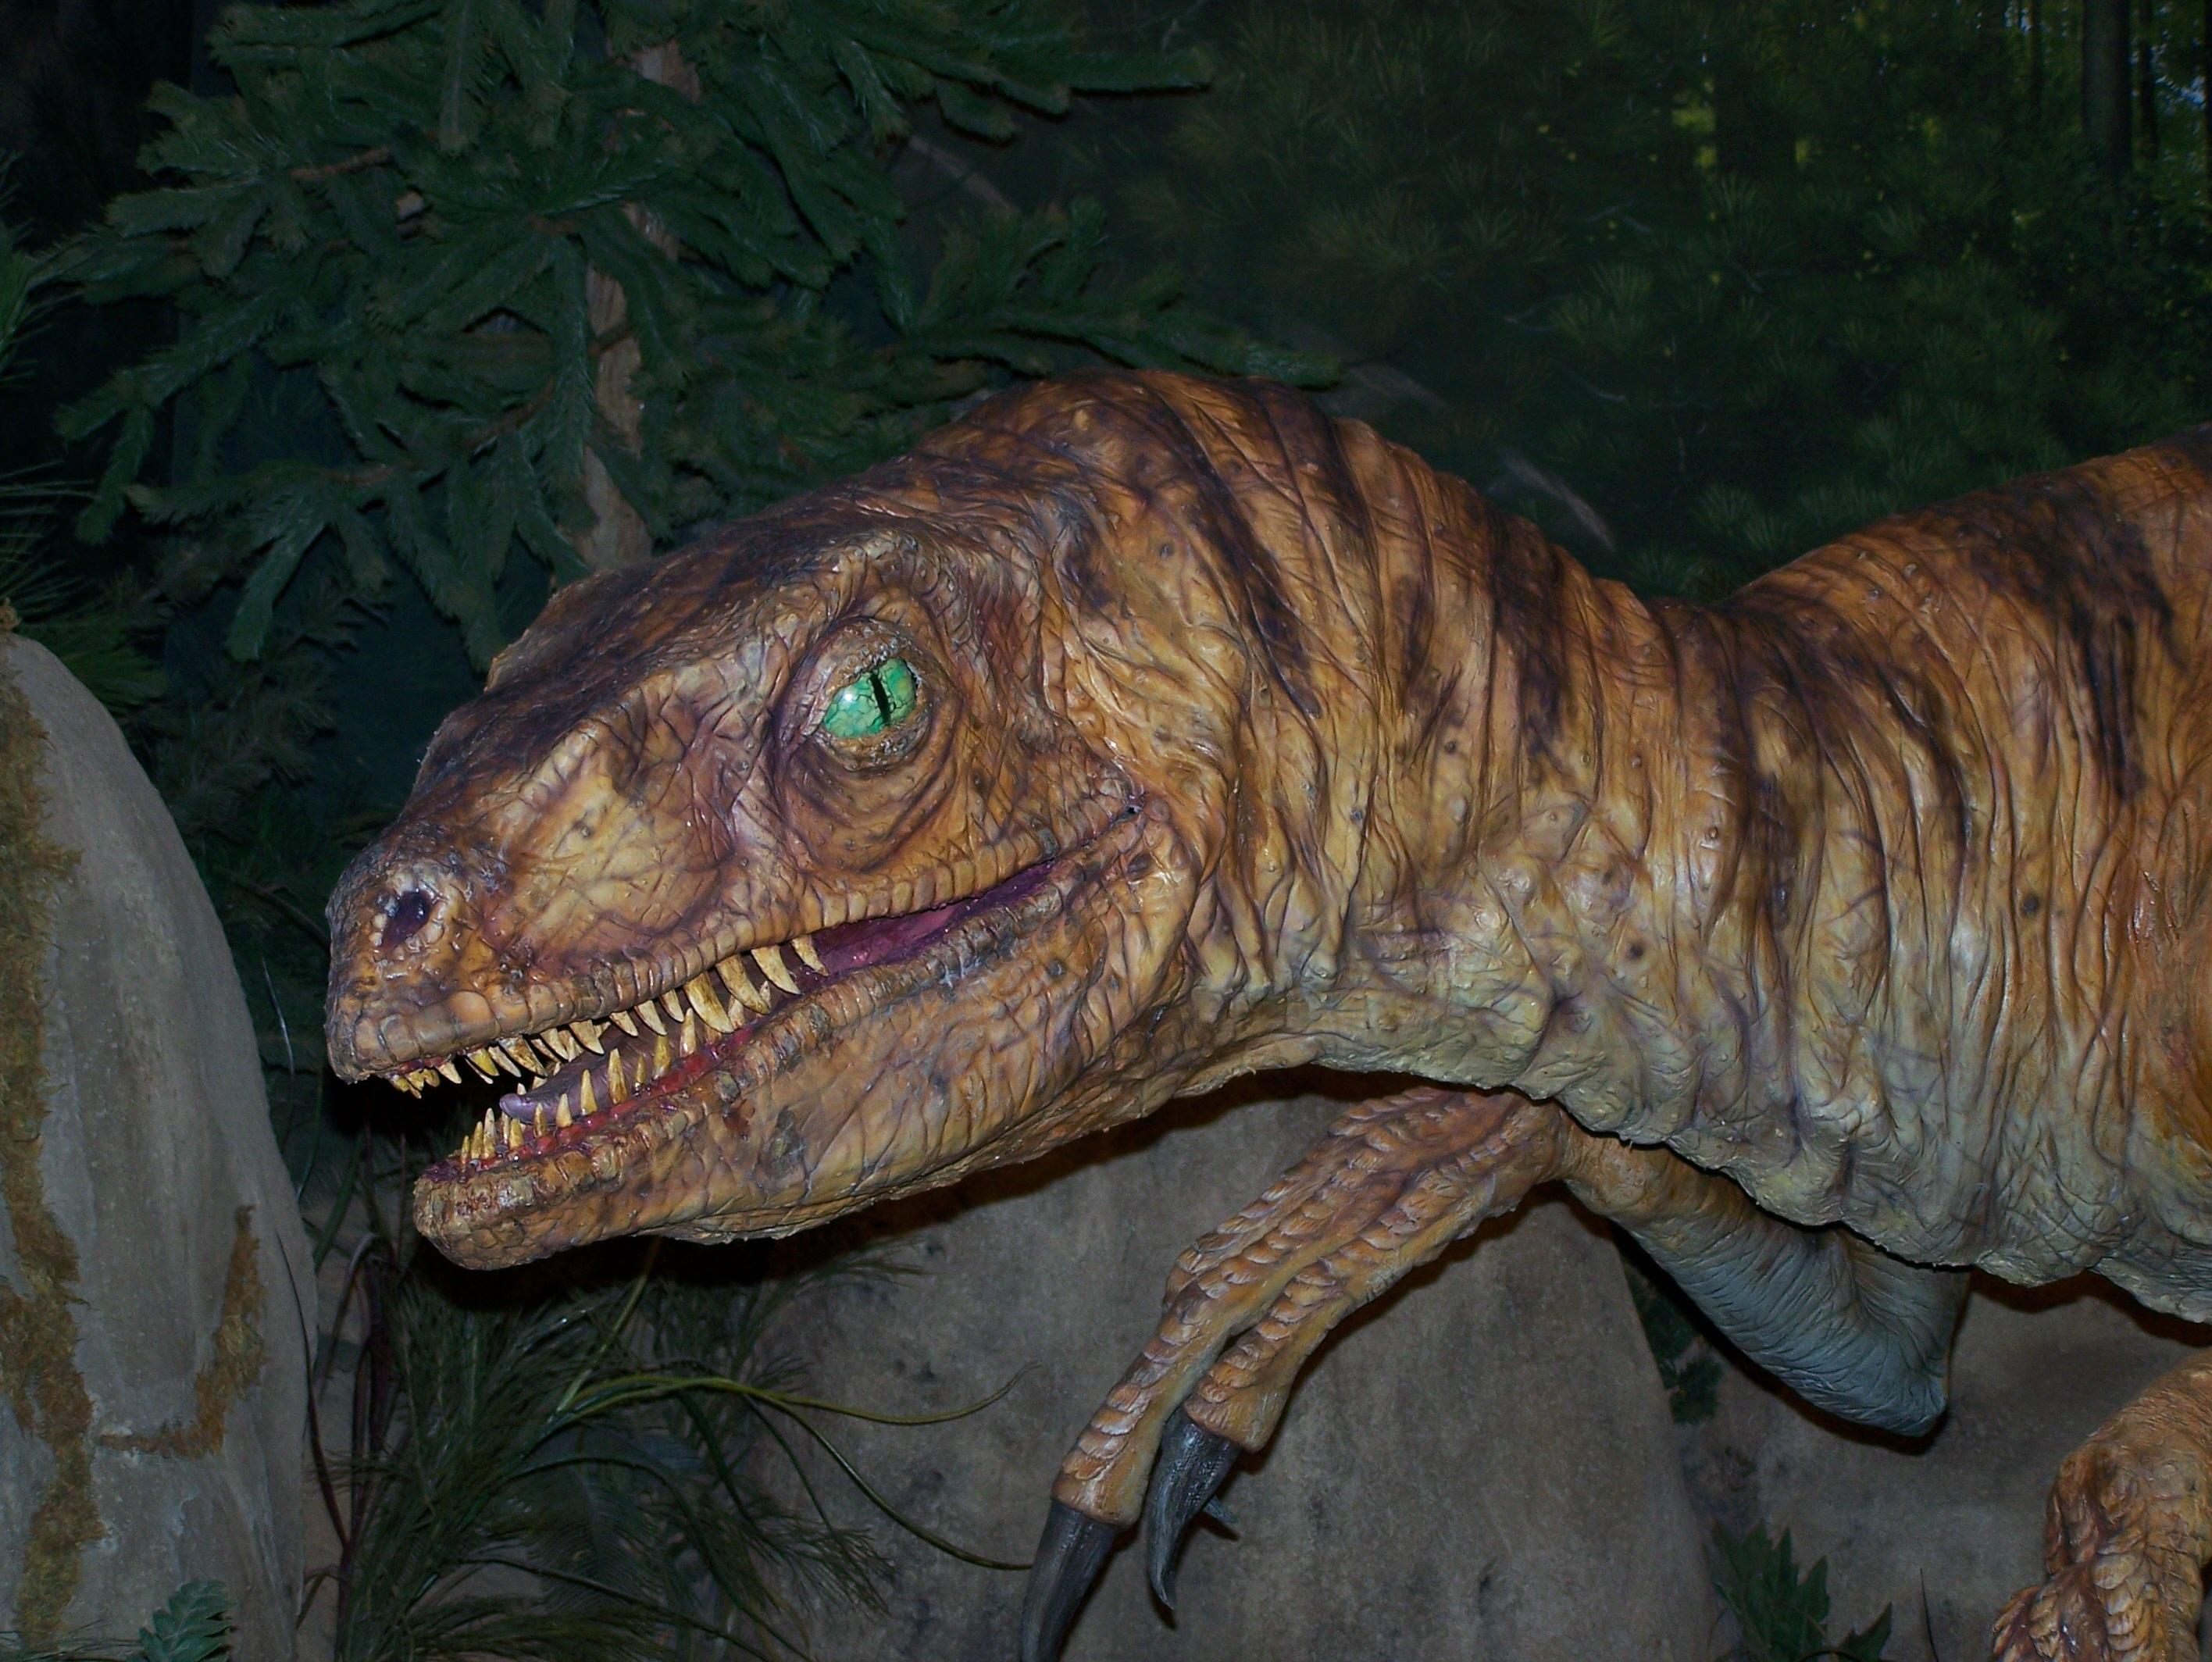 средства фото тиранозавра настоящего удалось скопировать картинку